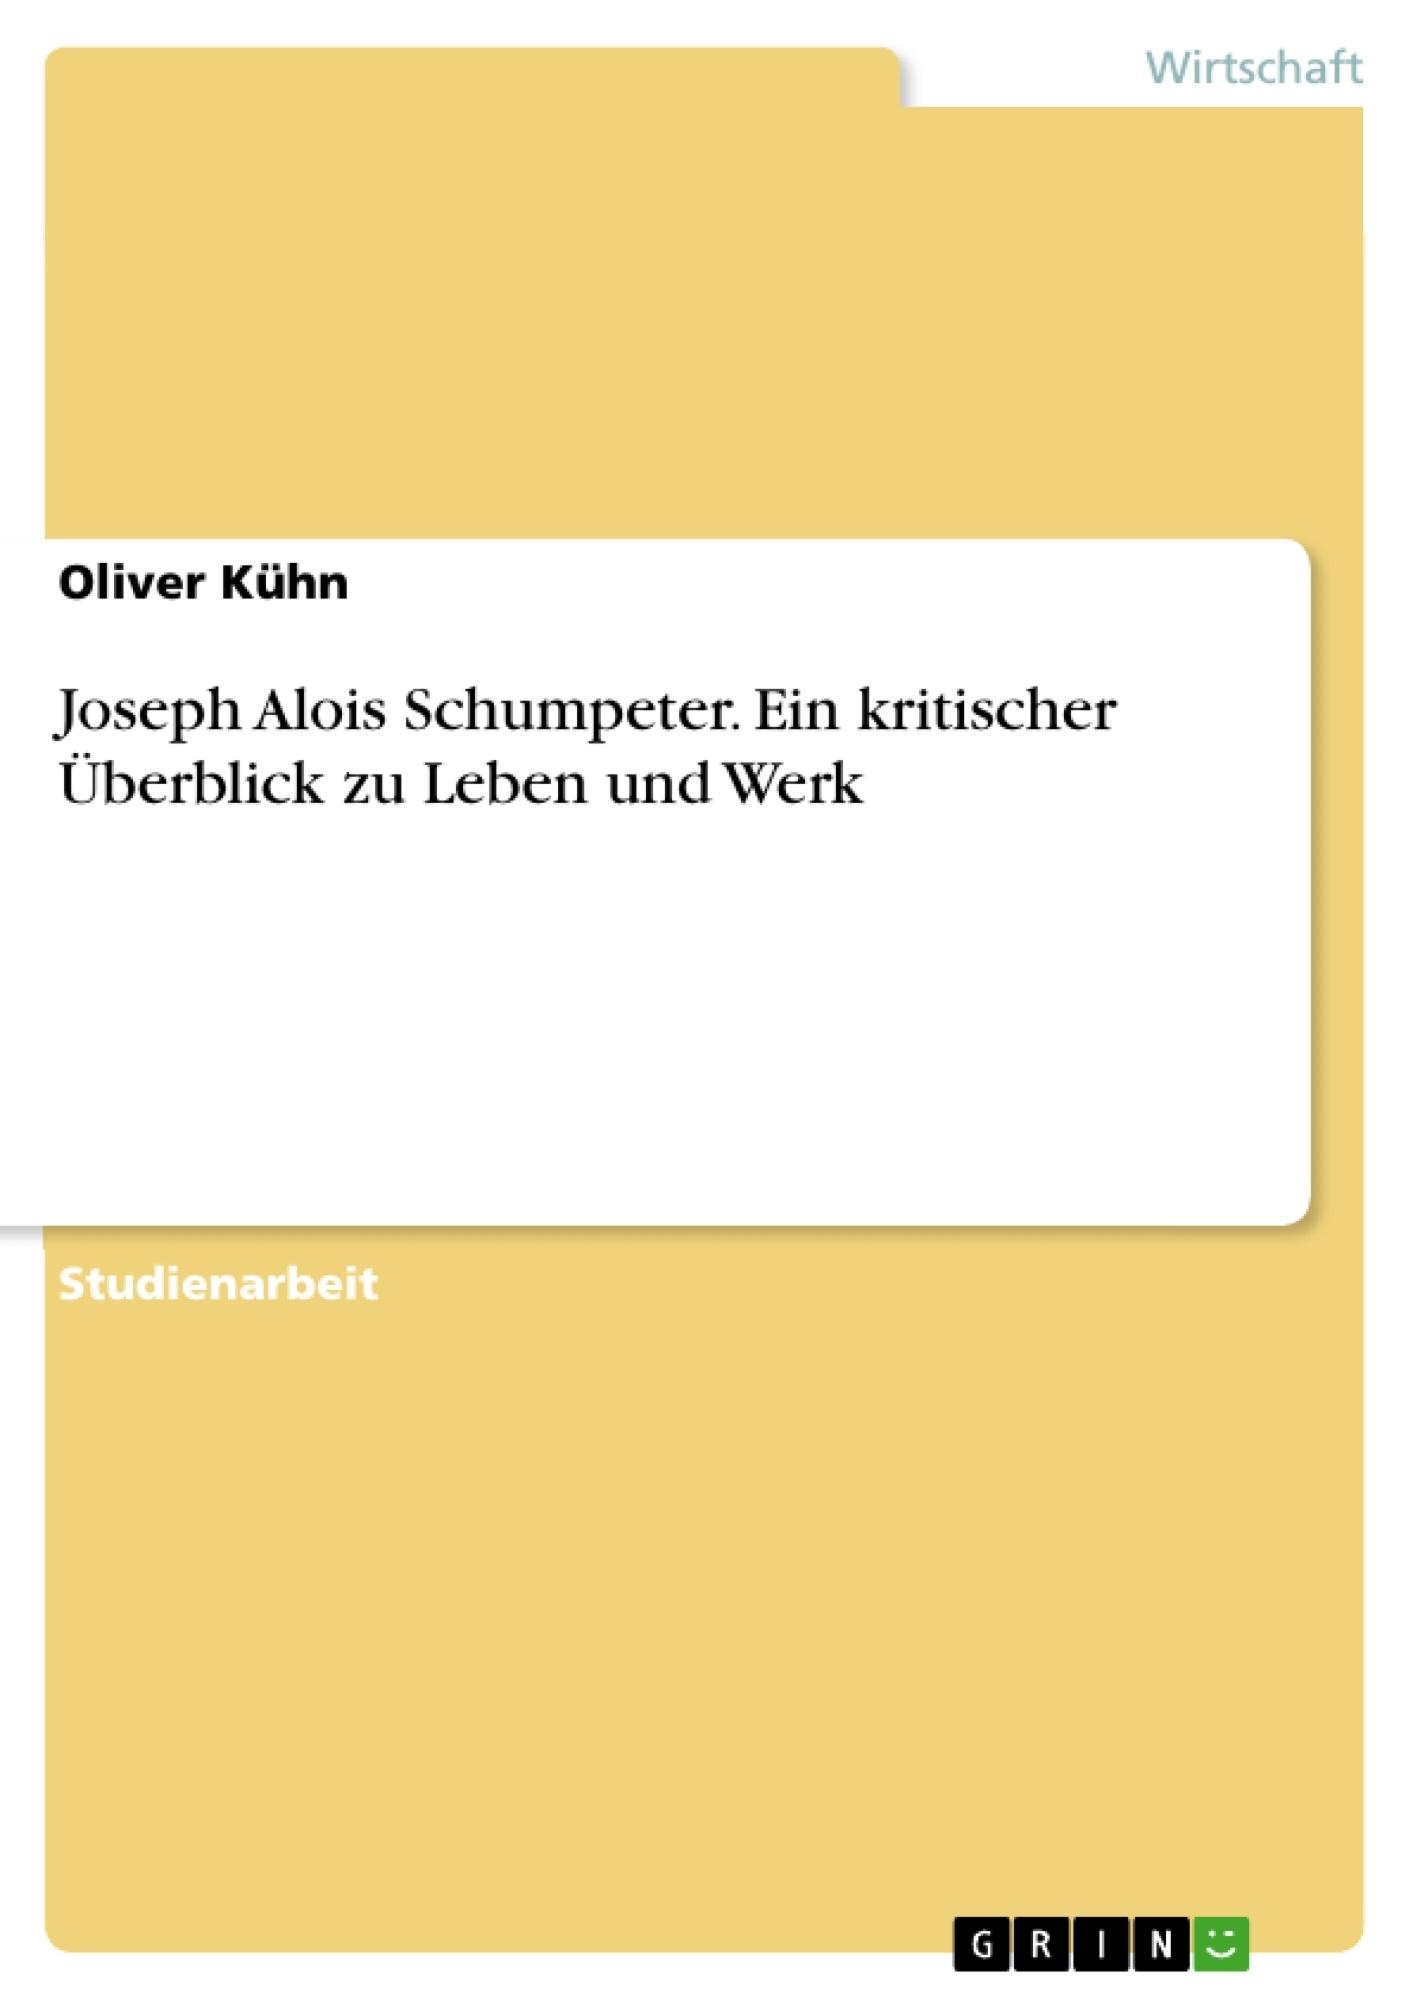 Titel: Joseph Alois Schumpeter. Ein kritischer Überblick zu Leben und Werk